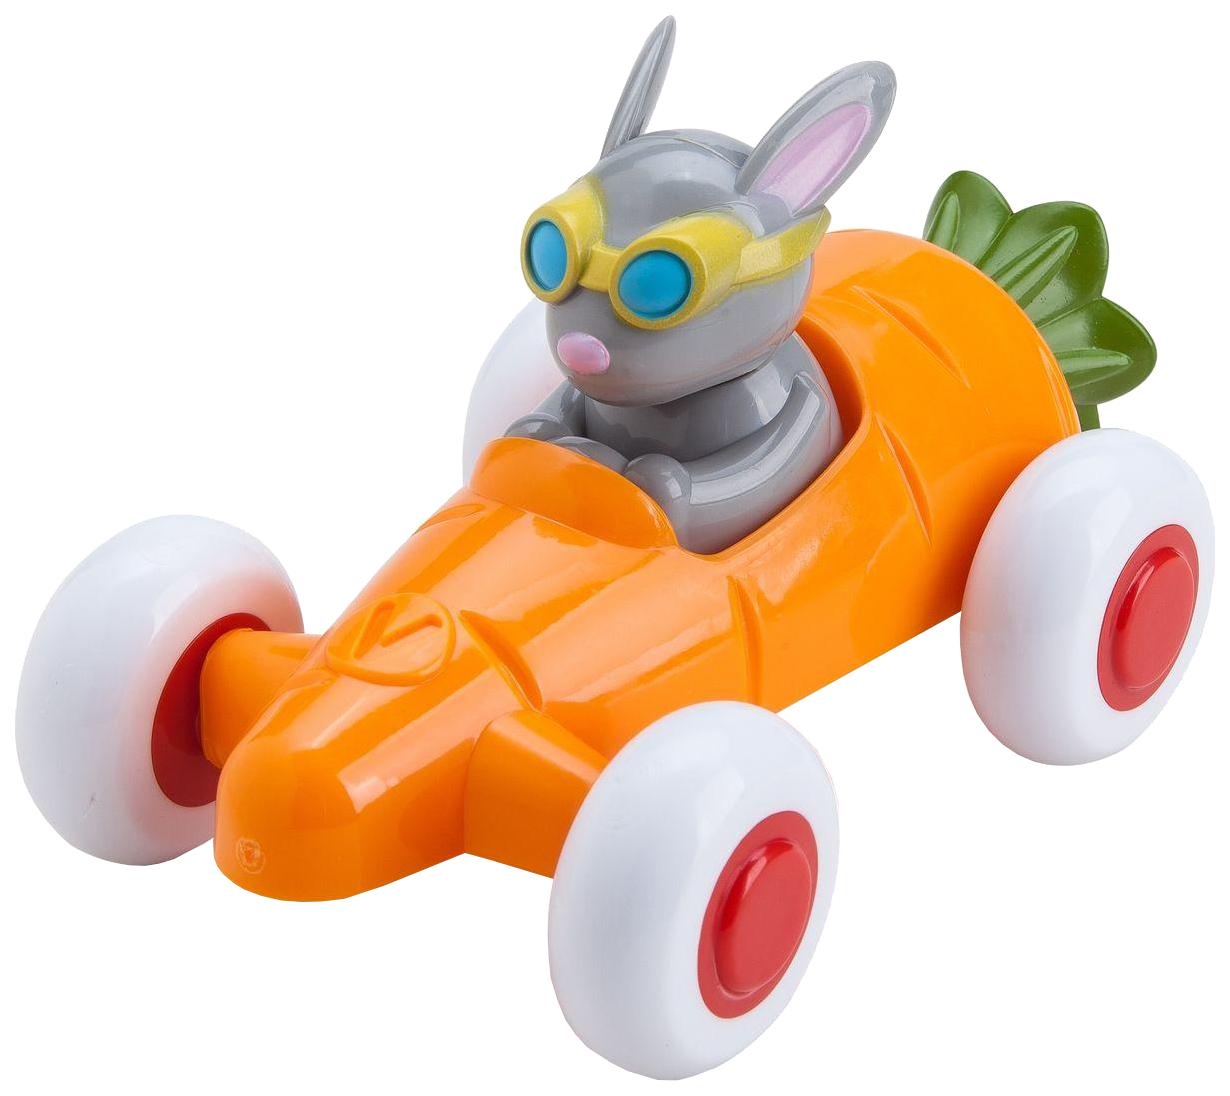 Купить Viking toys Машинка-морковка 14 см, с Зайчиком, в подарочной упаковке, арт. 81361, Игрушечные машинки